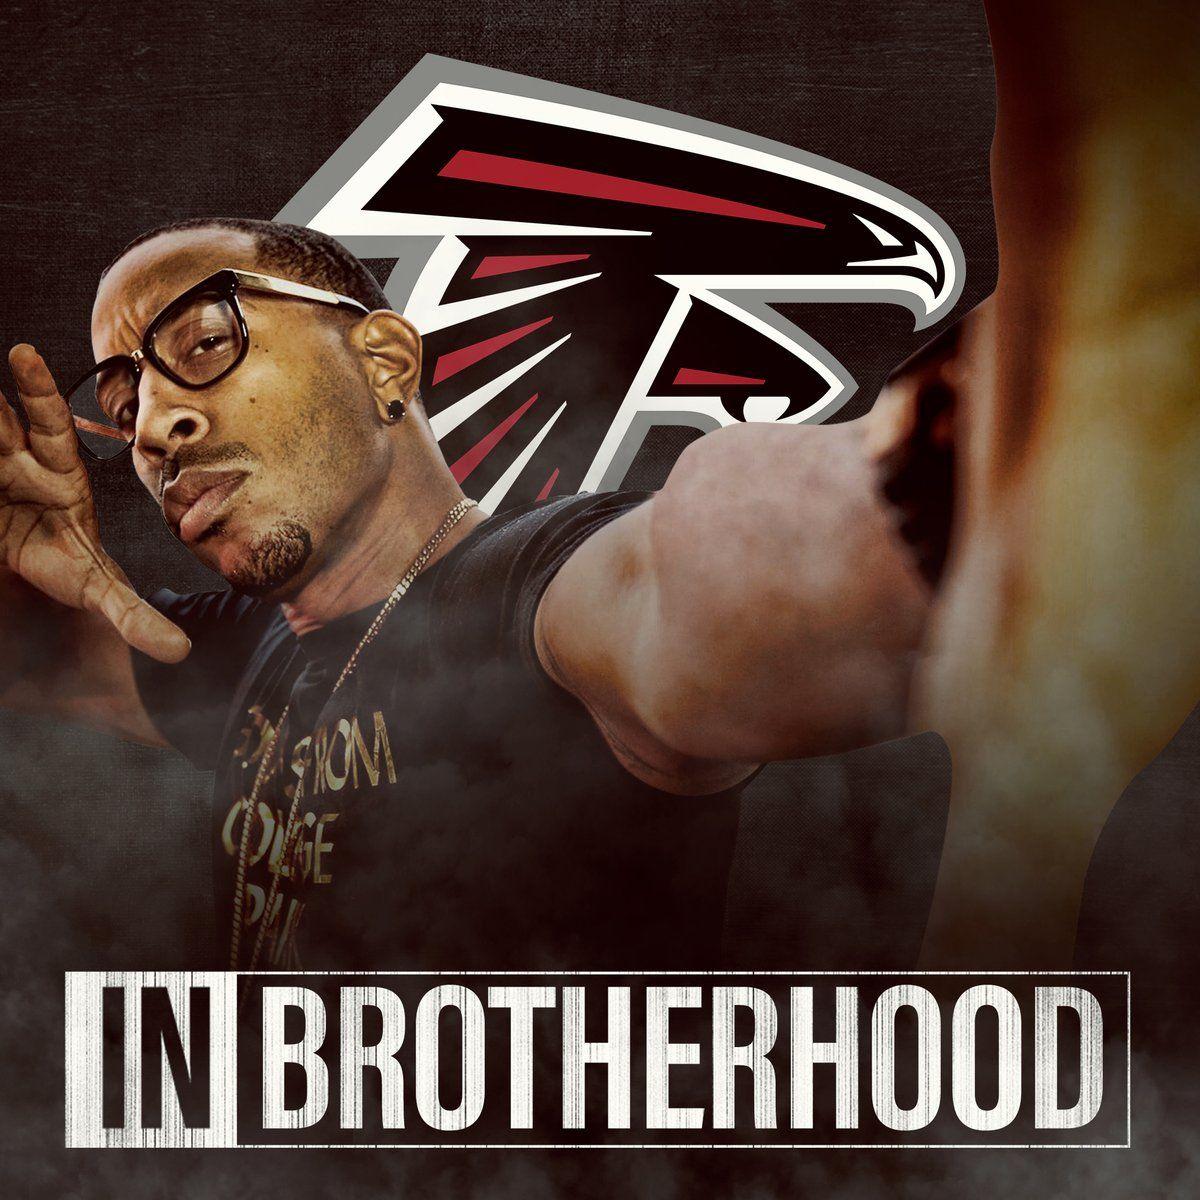 Pin By Samantha Watson On Football Cheerleaders Falcons Game Atlanta Falcons Logo Atlanta Falcons Pictures